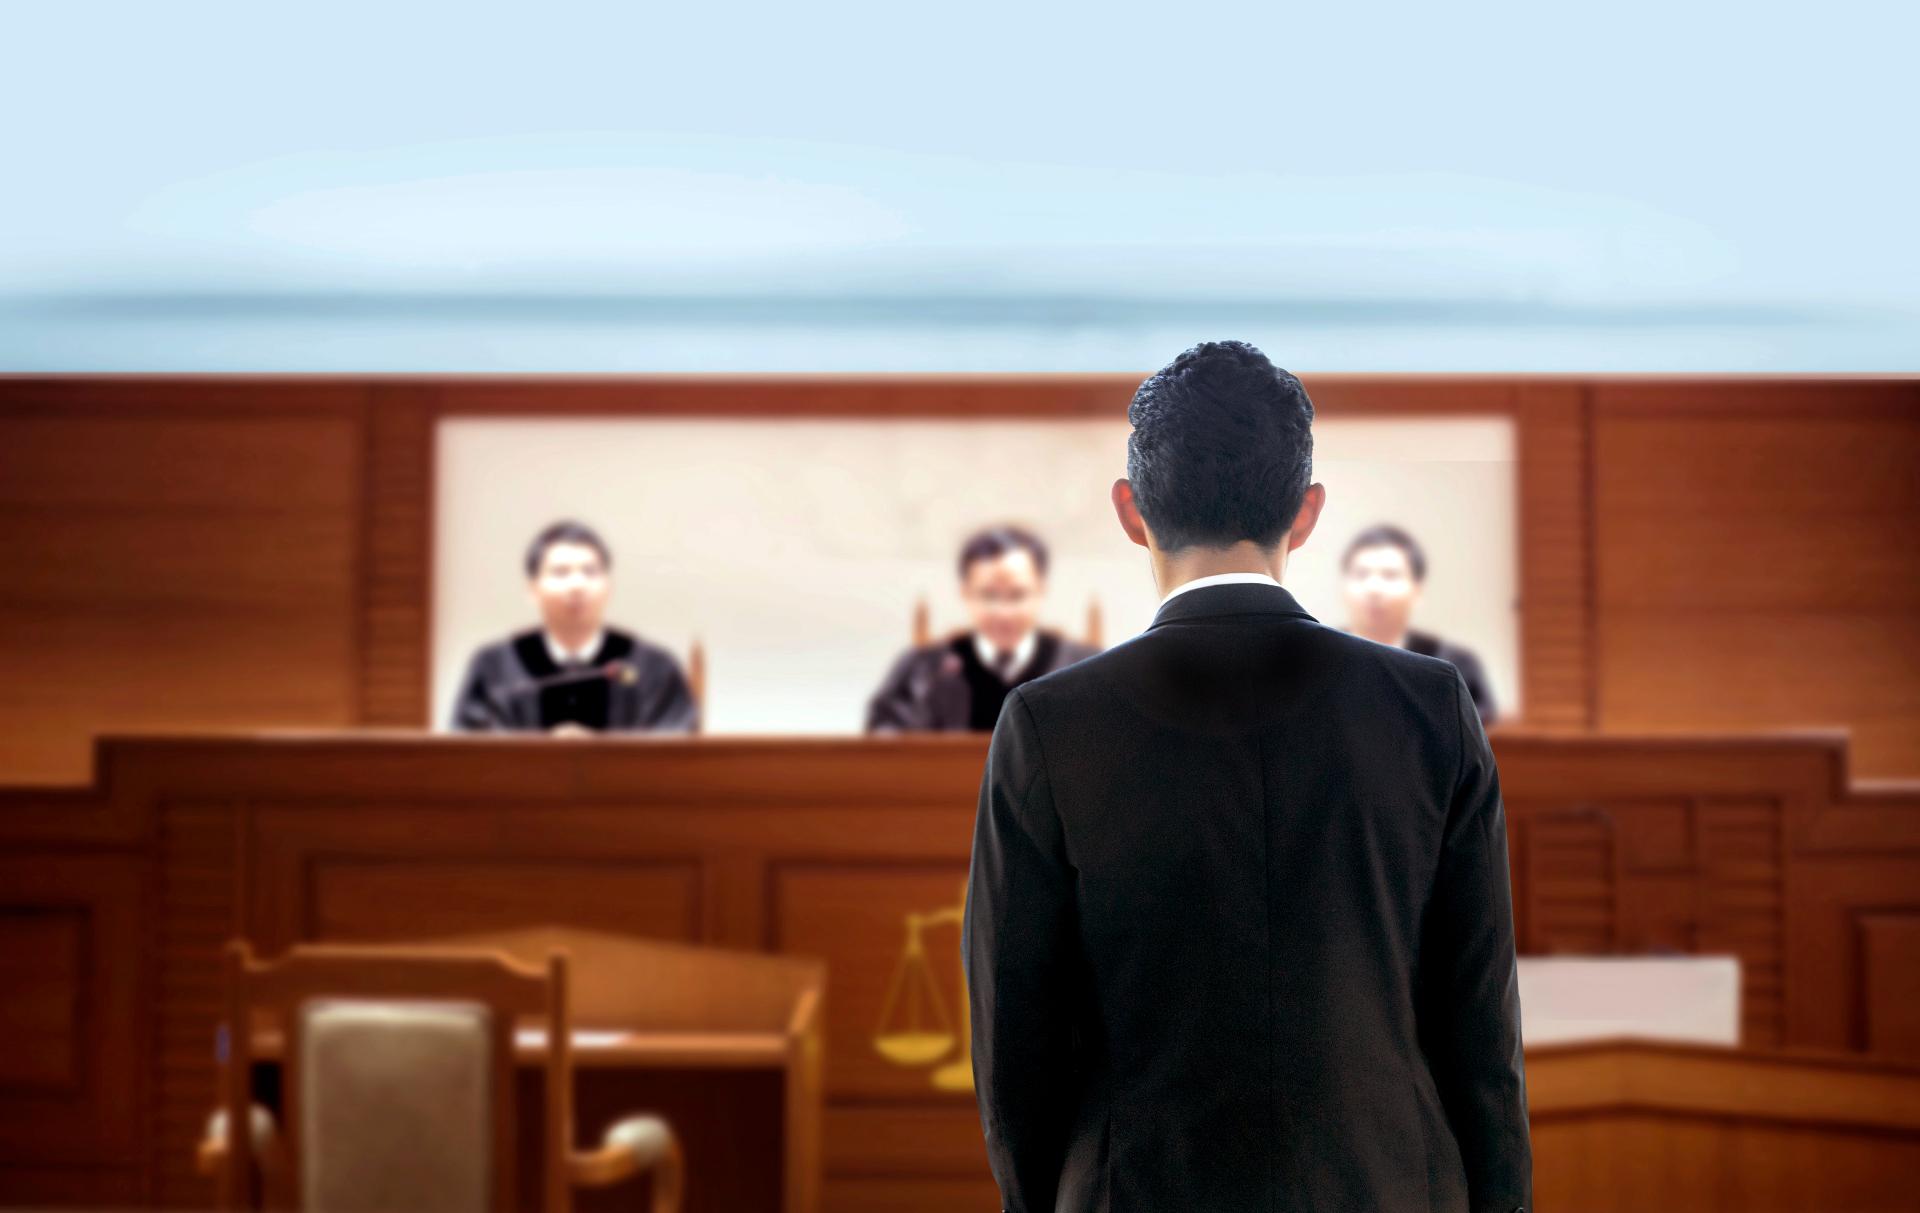 Суд выносит решение о сносе таких простроек или приведение их в соответствие с законом или другими нормами и правилами